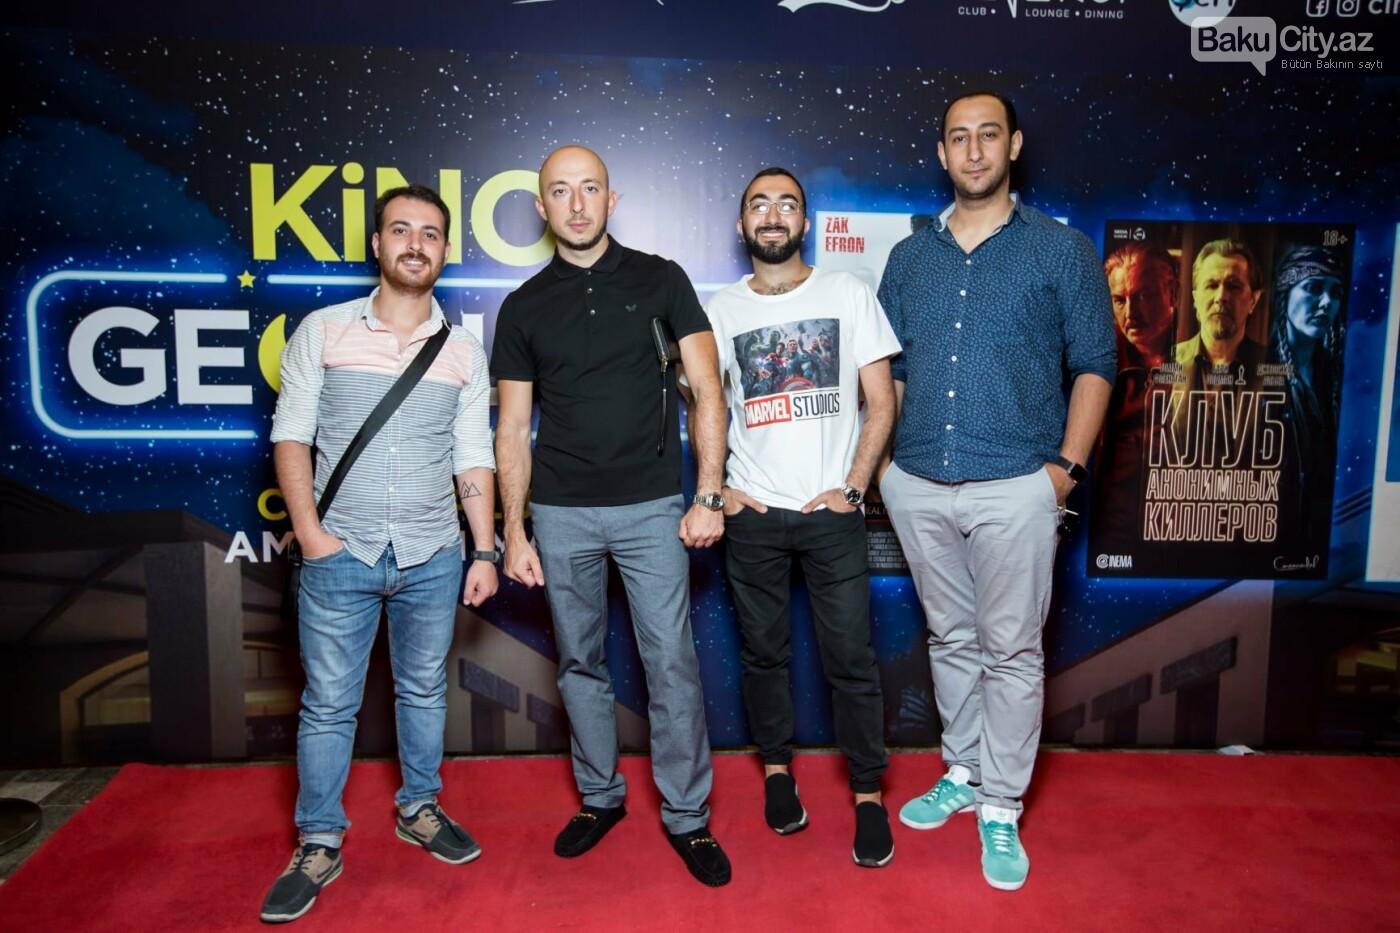 """Bakıda üç filmin nümayişi ilə """"Kino Gecəsi"""" keçirildi - FOTO, fotoşəkil-29"""